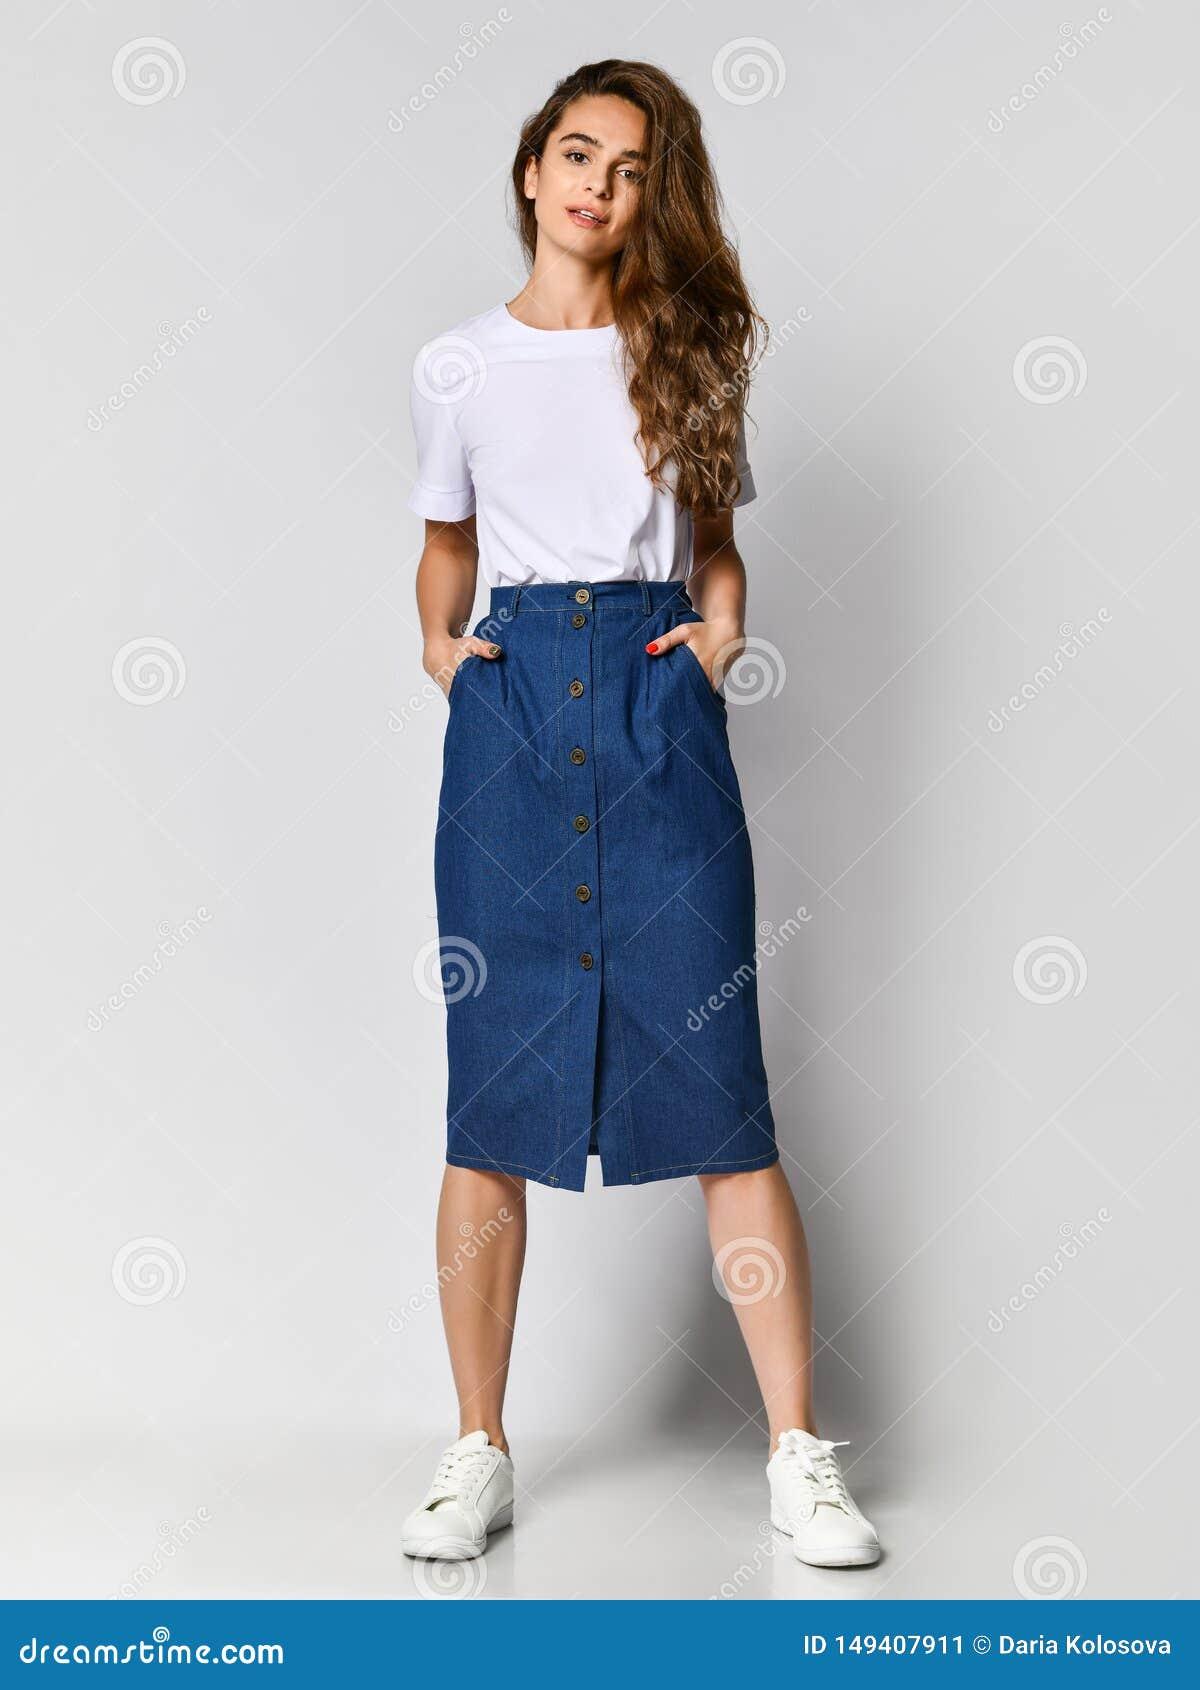 Photo int?grale d une jeune fille de brune avec de longs cheveux dans un chemisier blanc et une jupe bleue Sur un fond clair